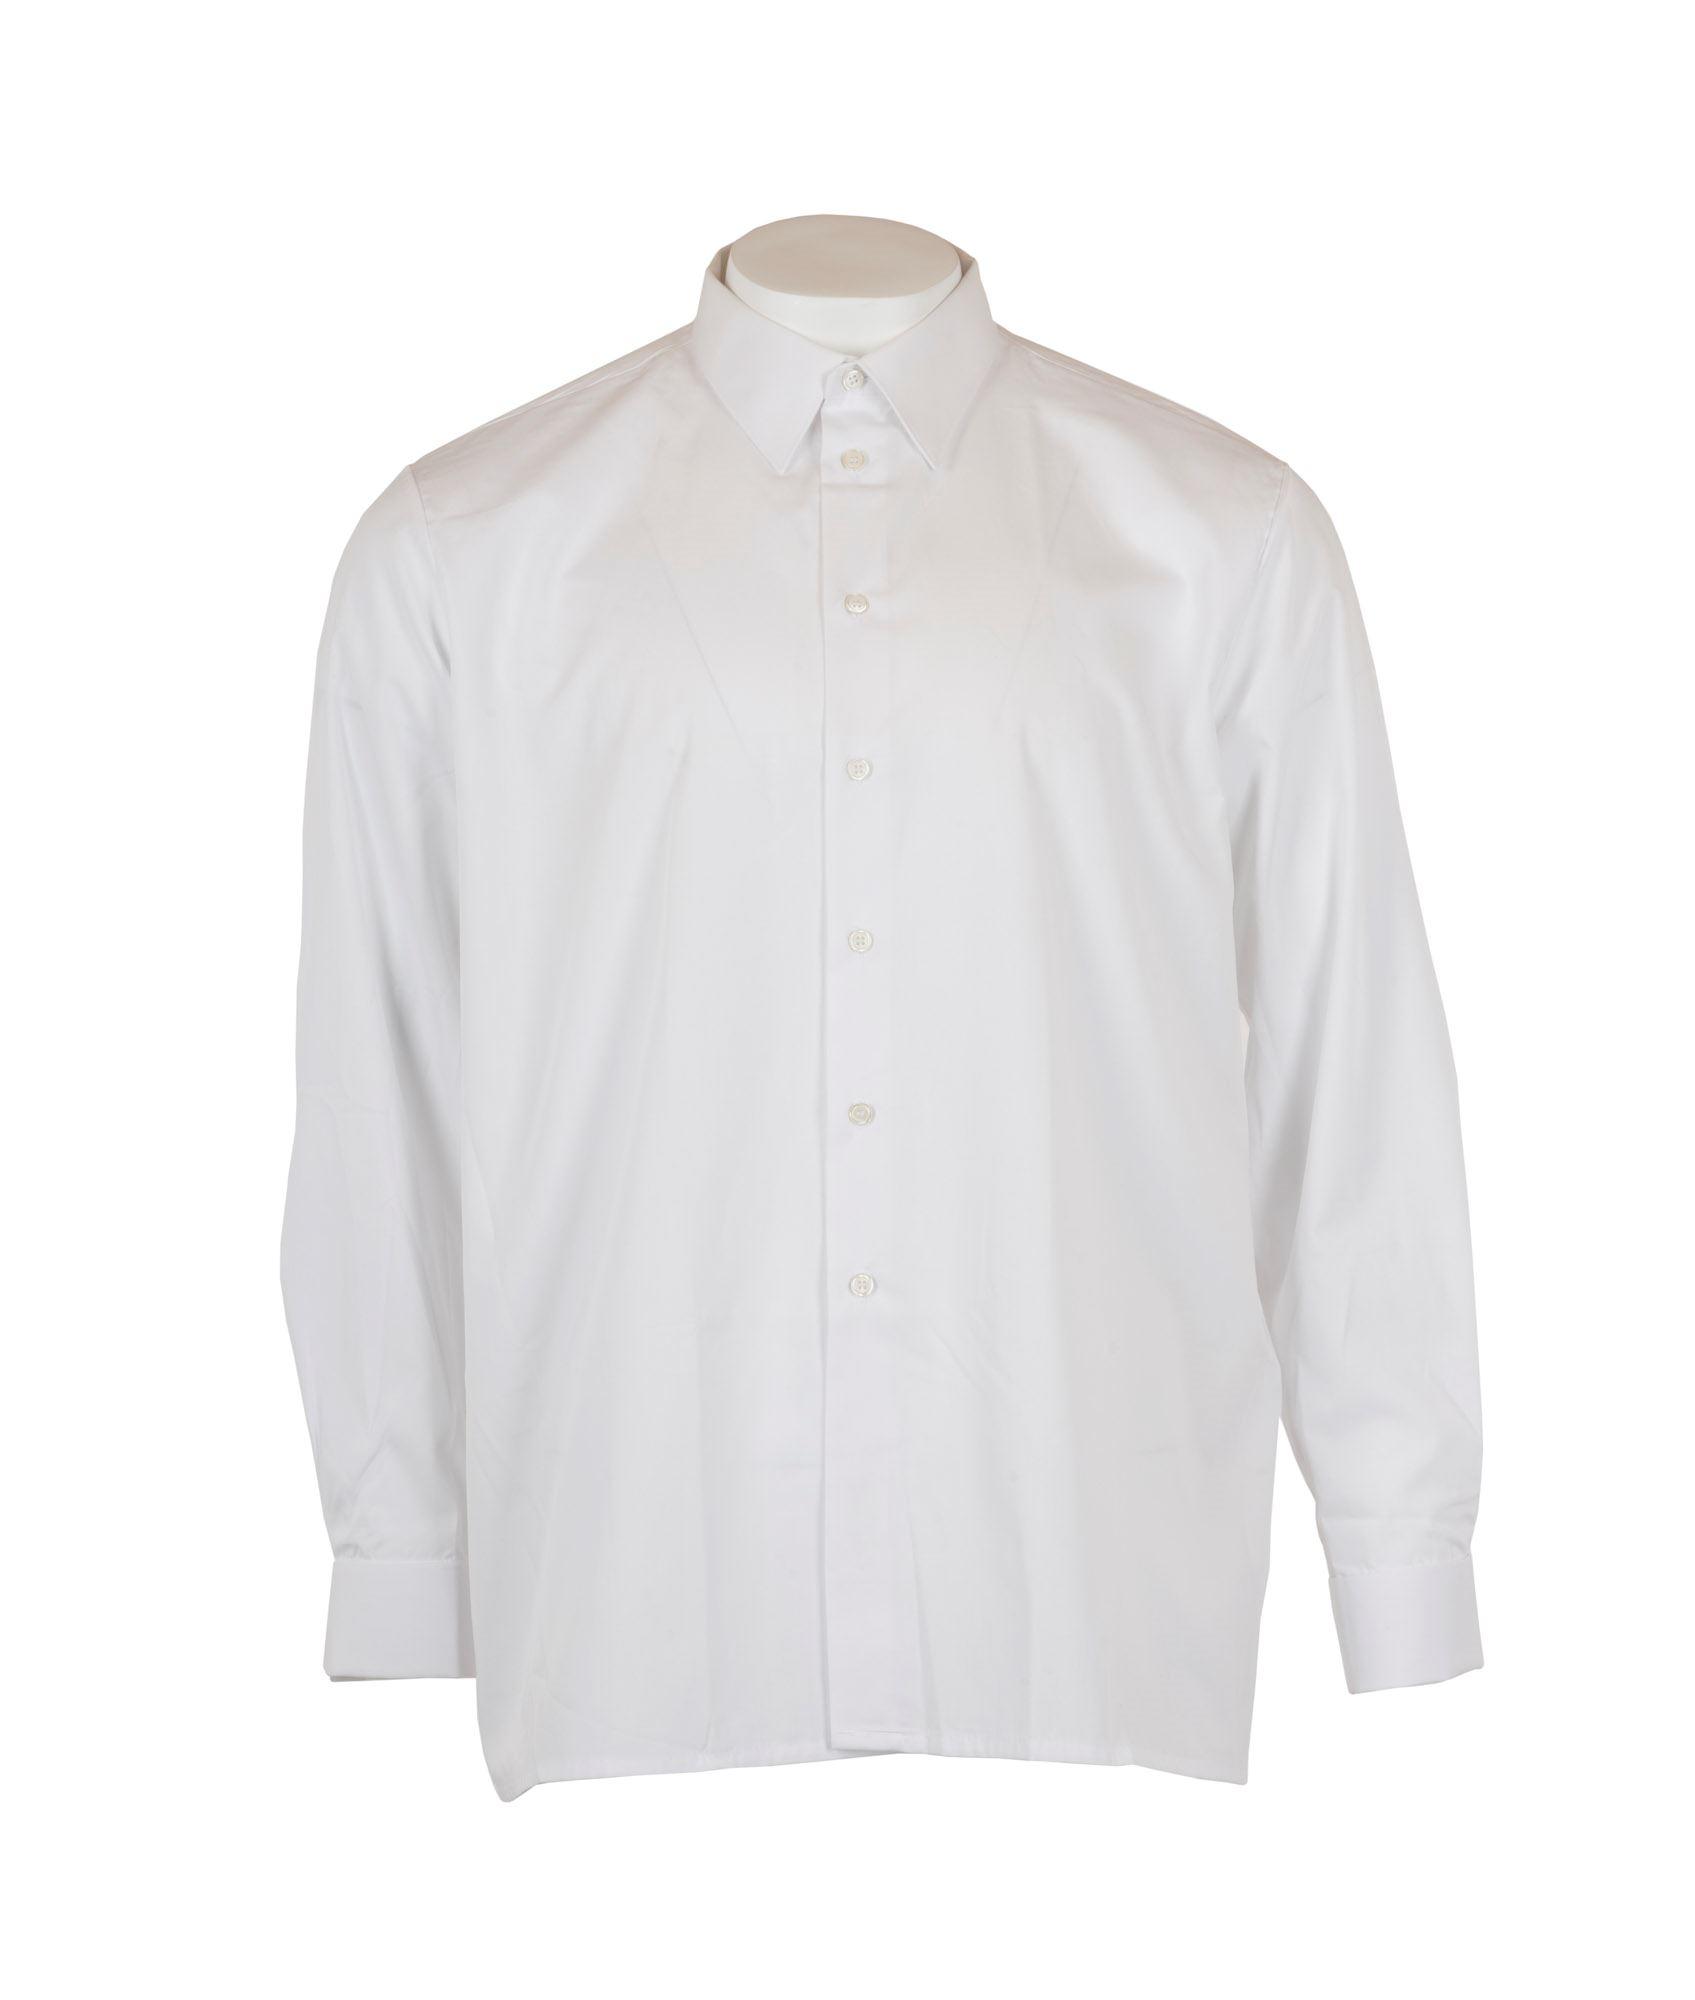 1c274b2d Køb Hvid skjorte fra dansk militær m. lange ærmer hos 417.dk